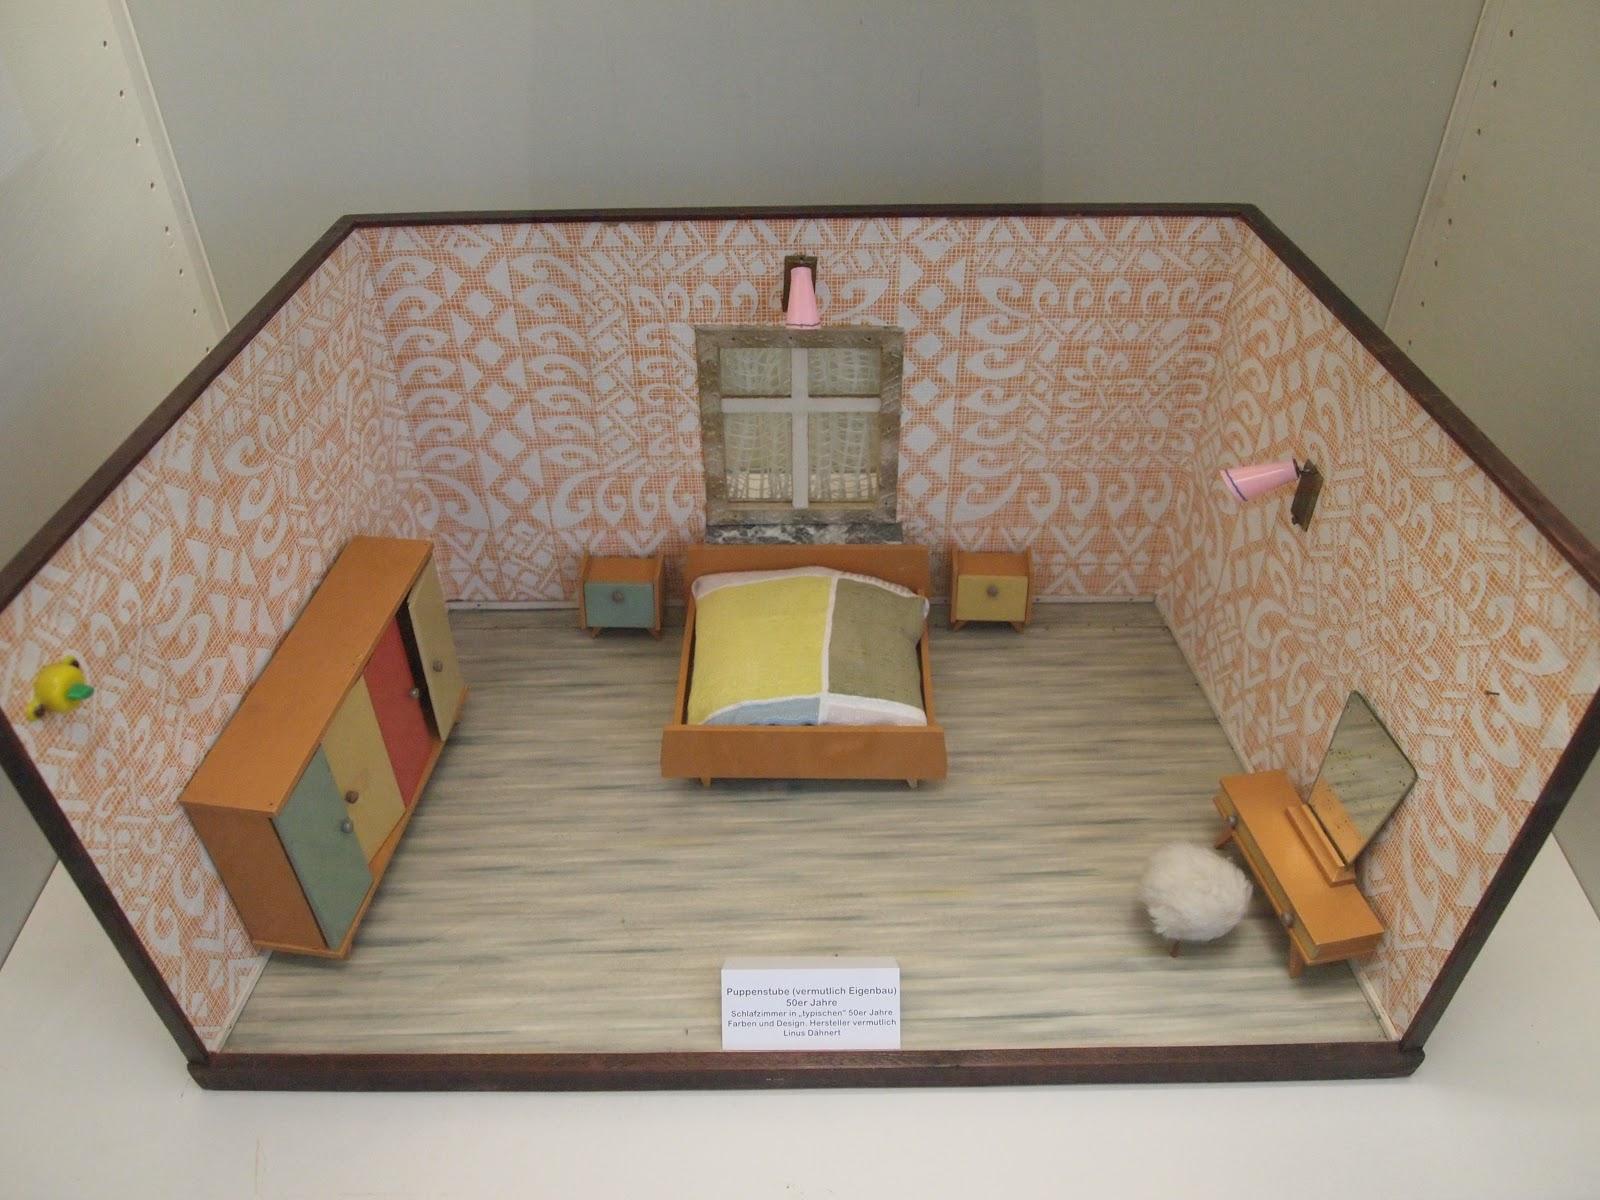 A Dolls House Exhibition in Bergkamen by diepuppenstubensammlerin ...